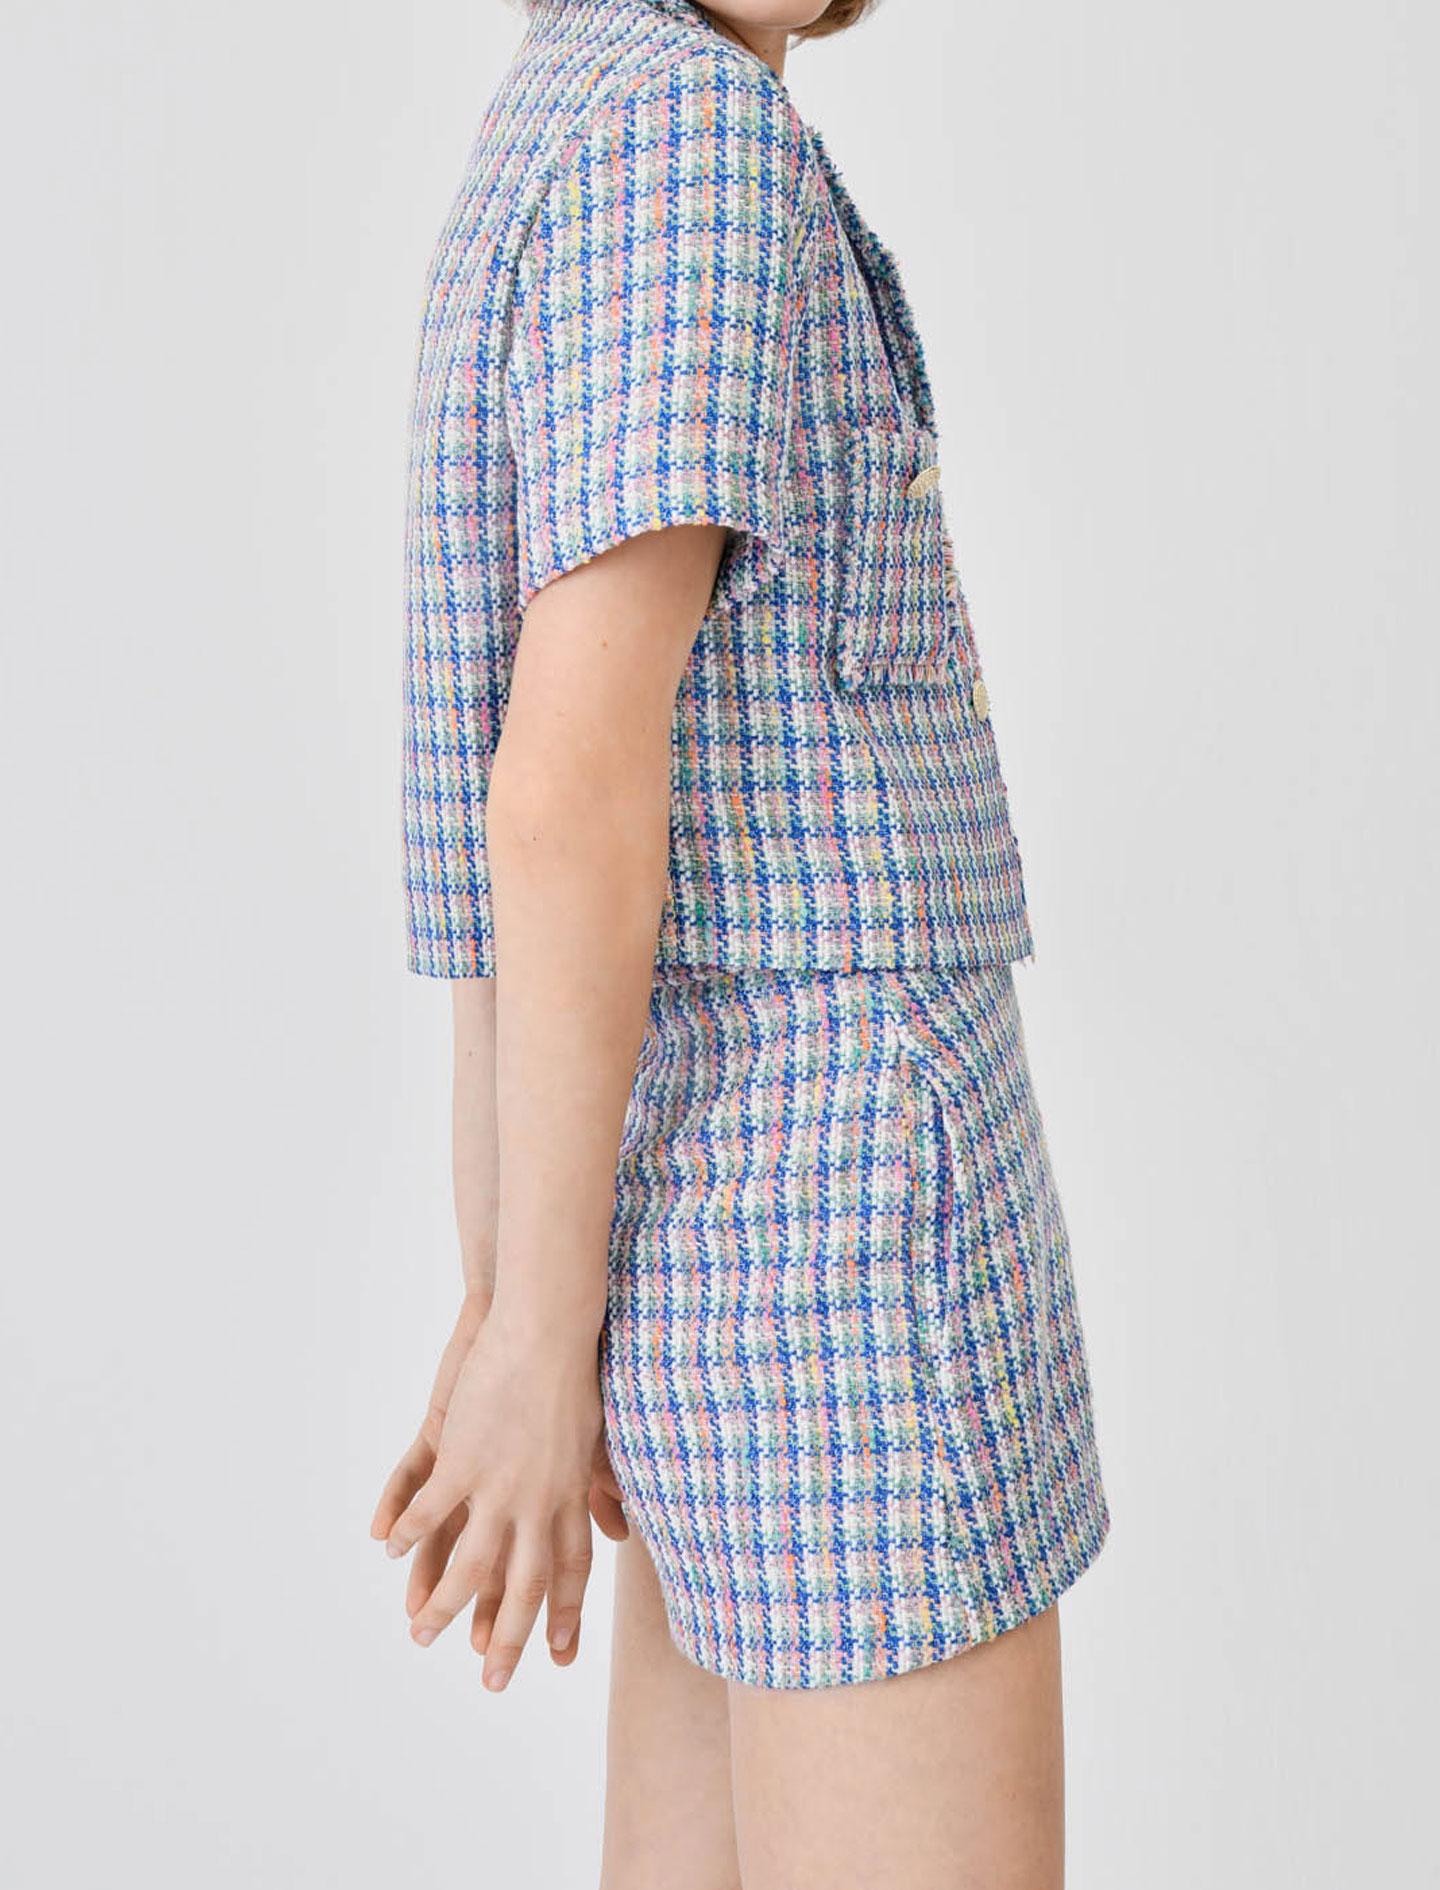 maje SHORT-SLEEVED TWEED JACKET Tweed Style Shorts